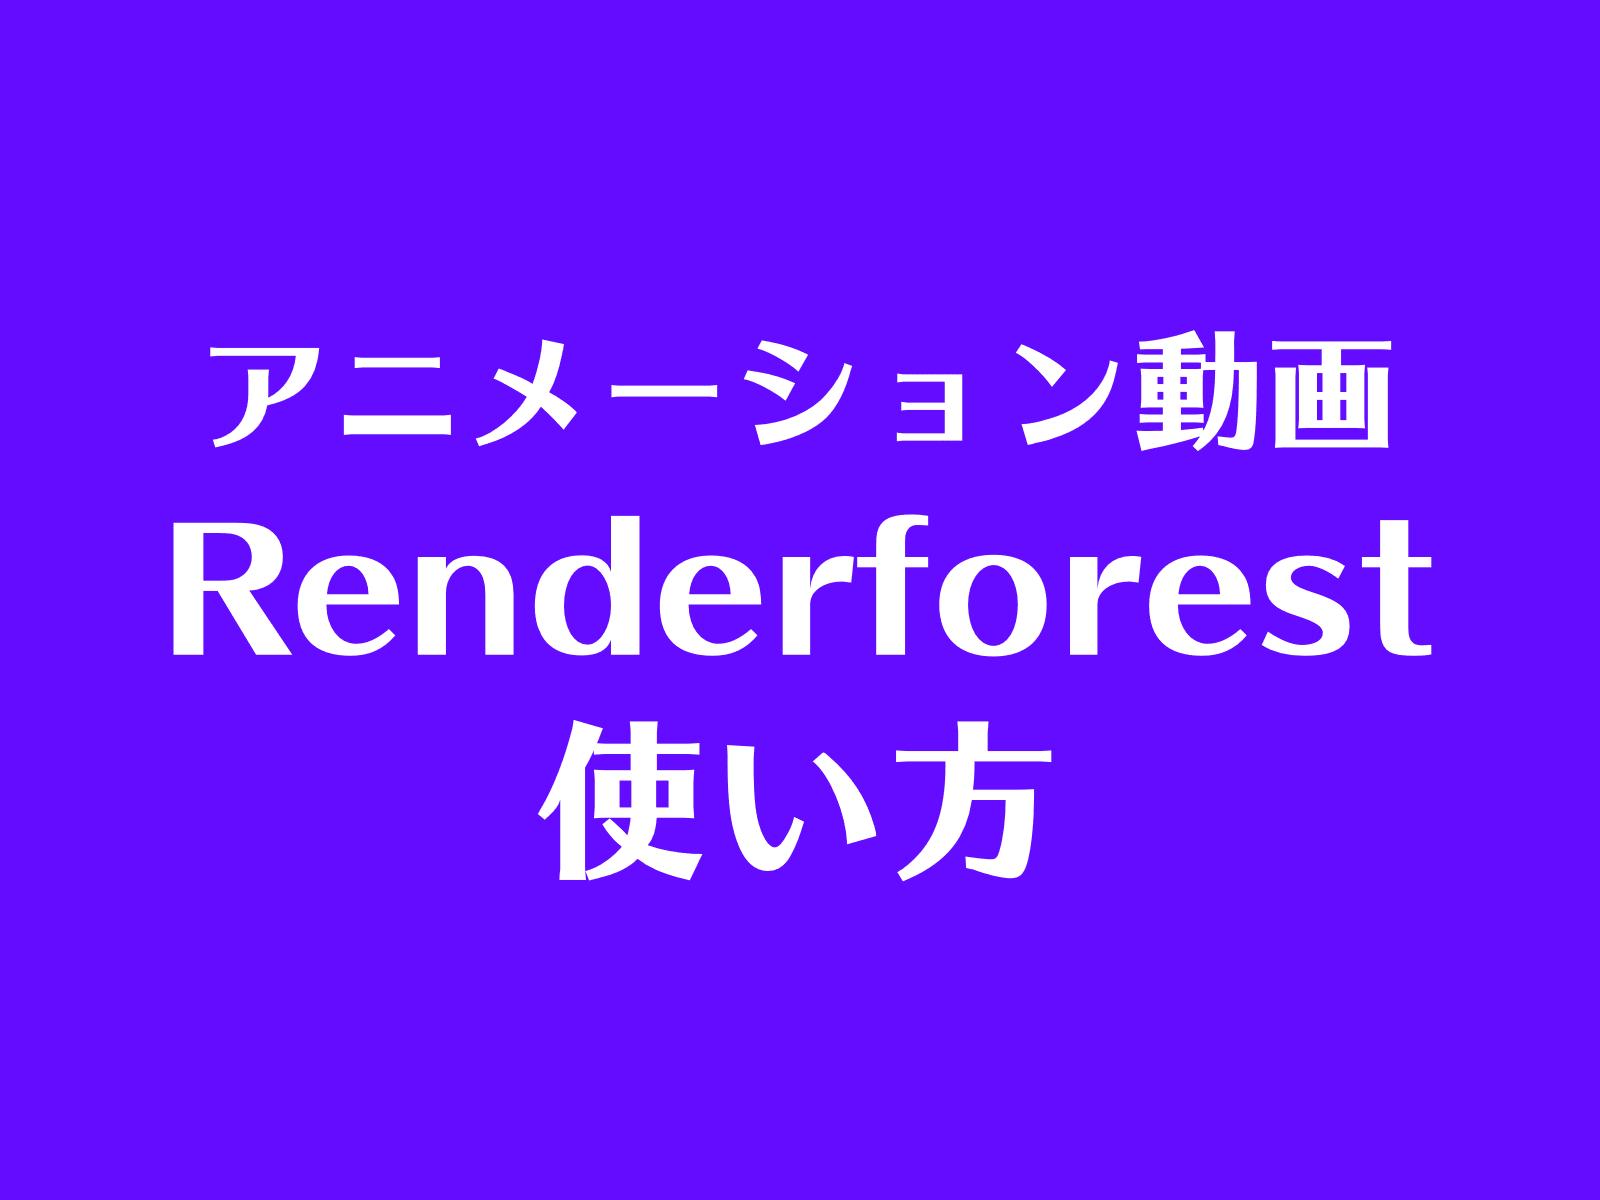 Renderforest